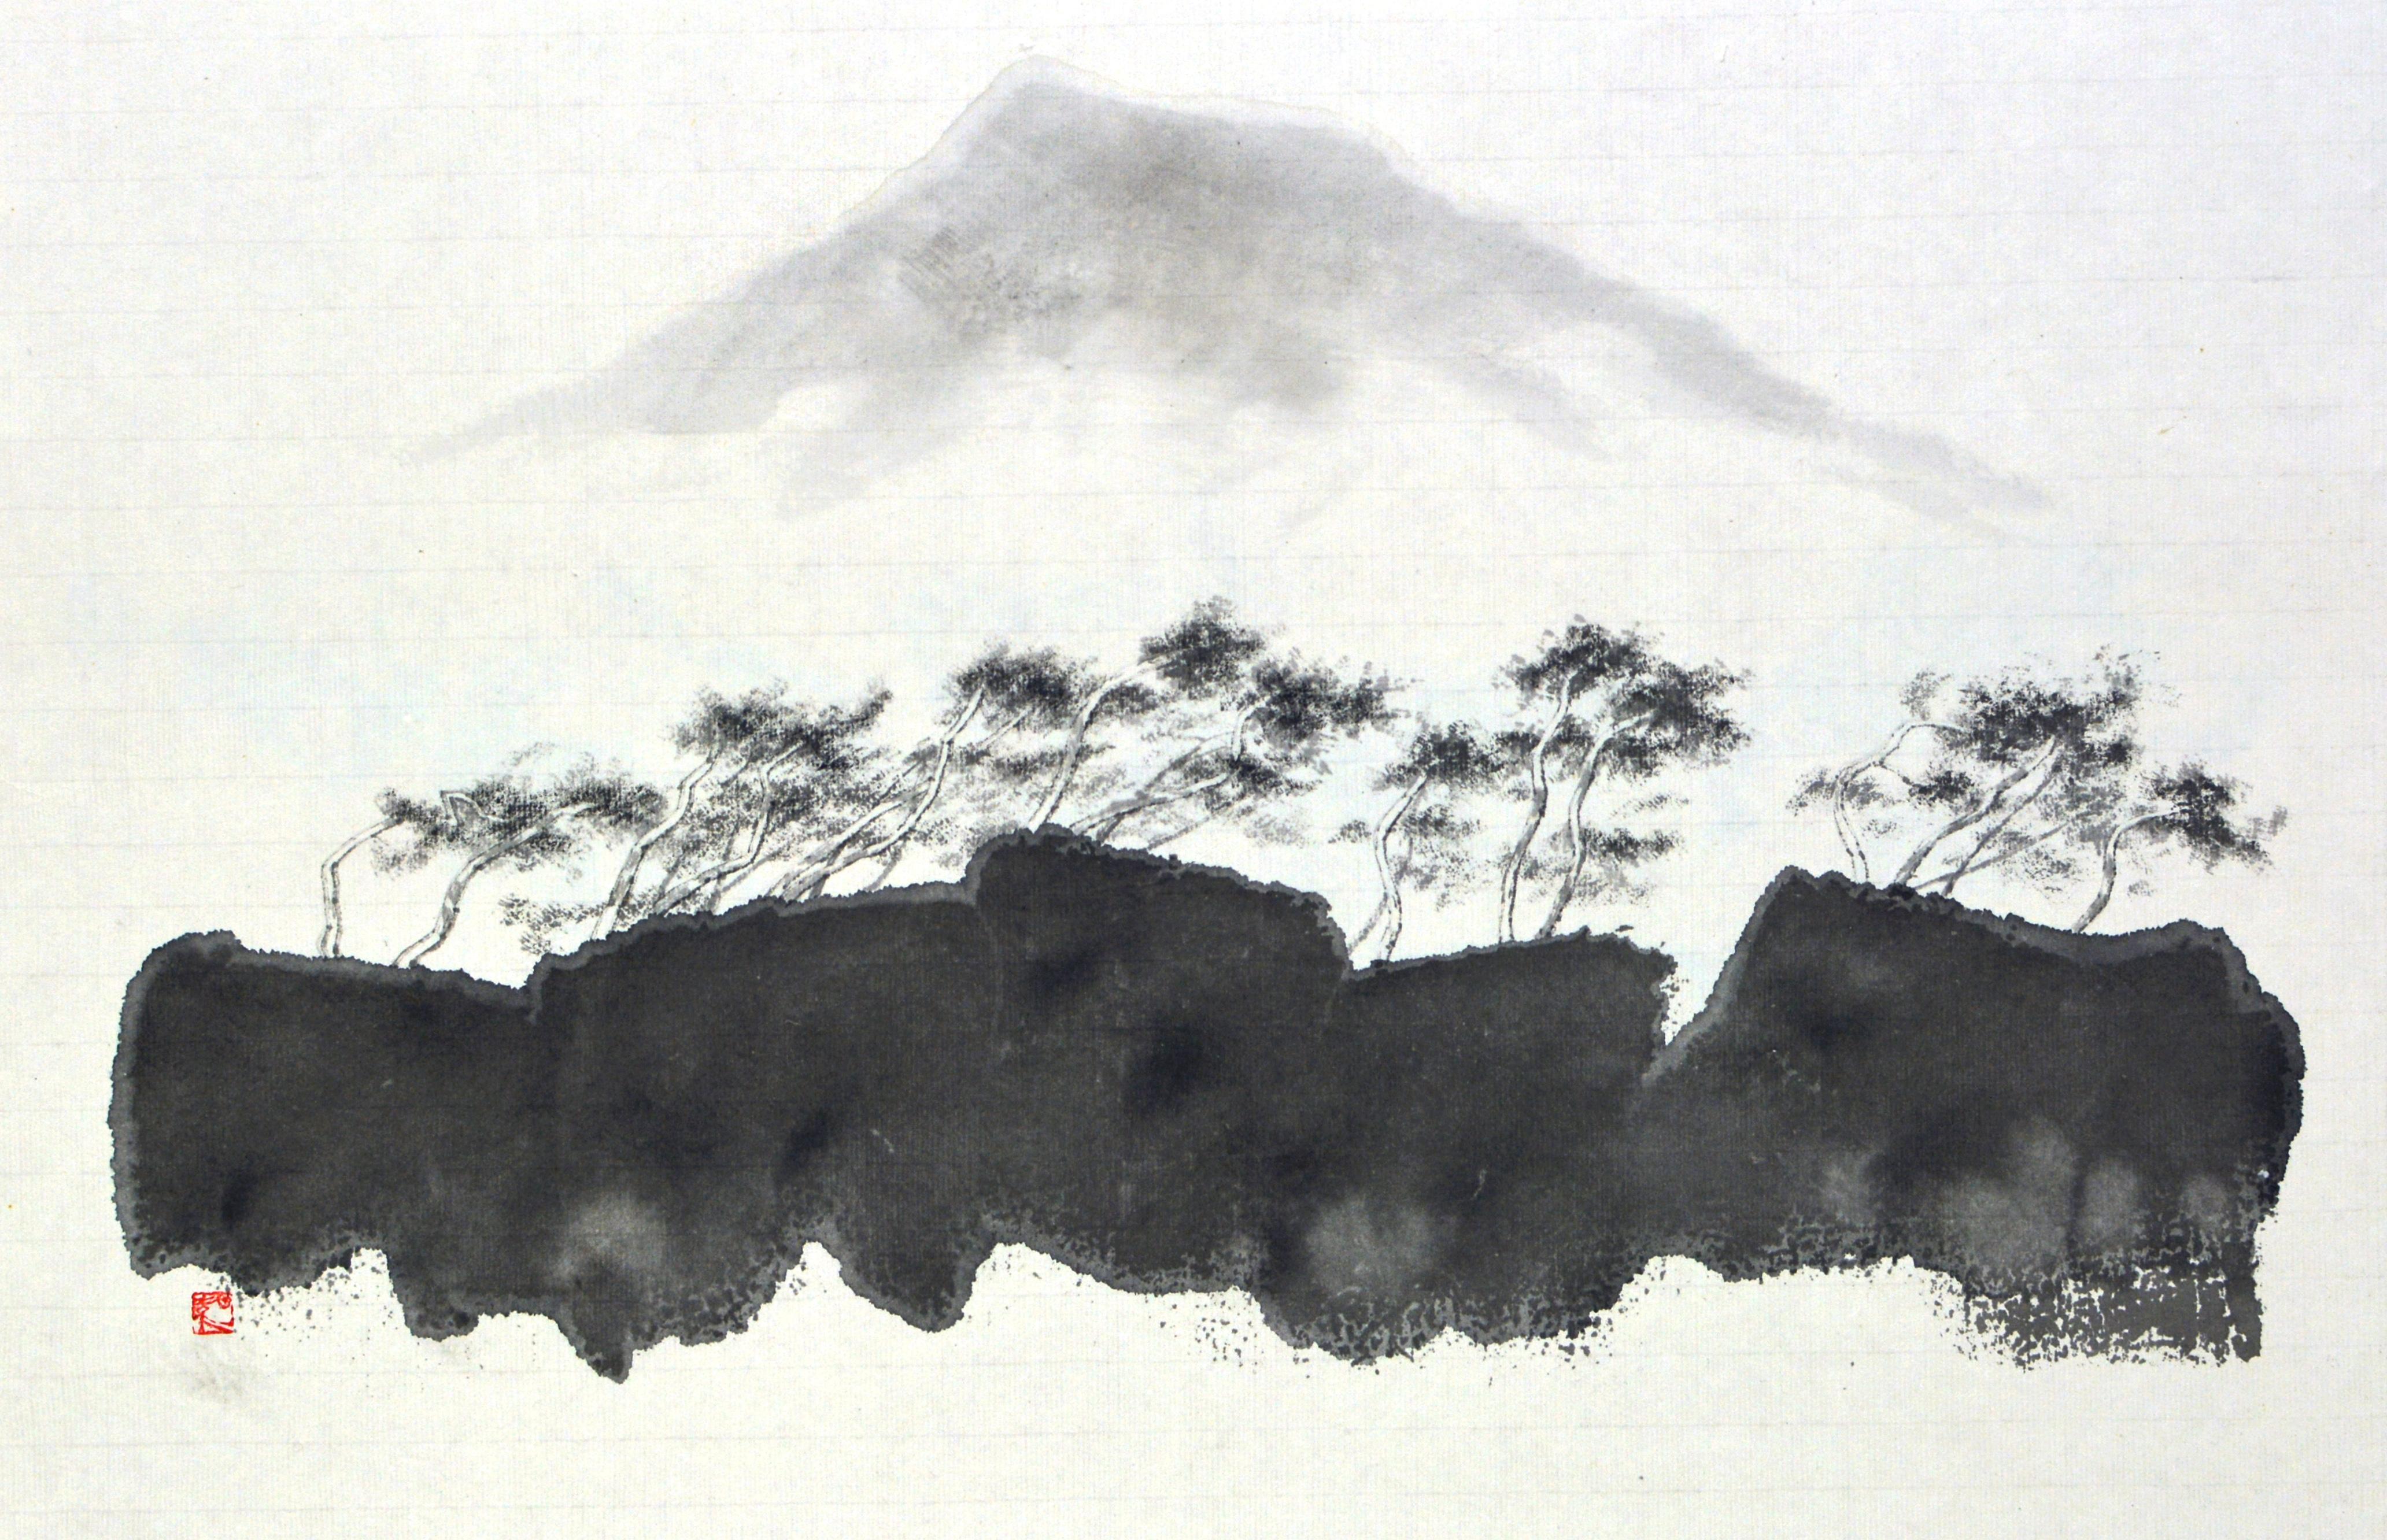 한라산이 보이는 풍경, 53.3x35cm, 화선지에 수묵, 2016